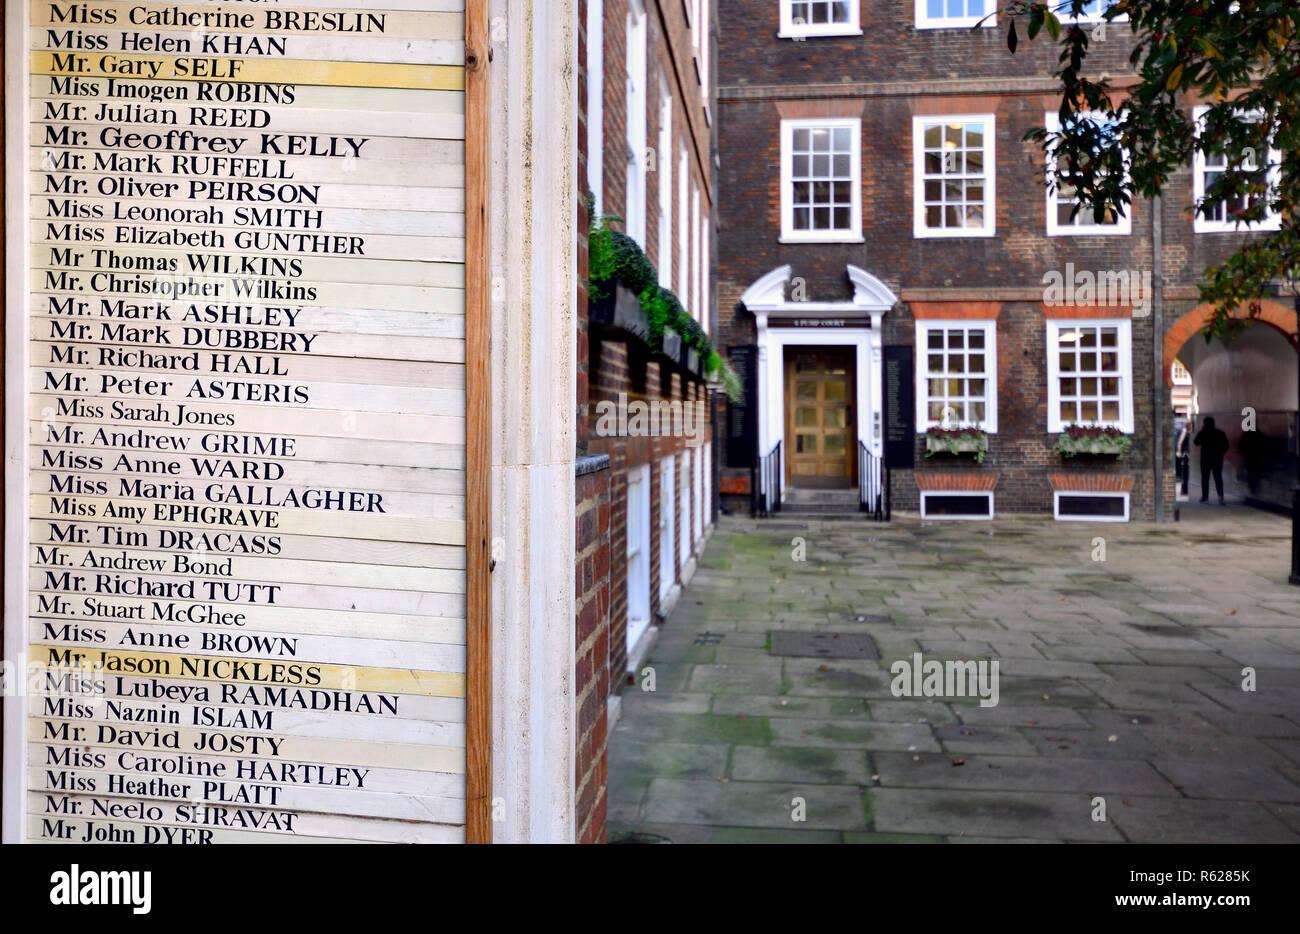 Elenco dei professionisti legali lavora nelle camere nella corte della pompa, INNER TEMPLE DI LONDRA, INGHILTERRA, Regno Unito. Immagini Stock